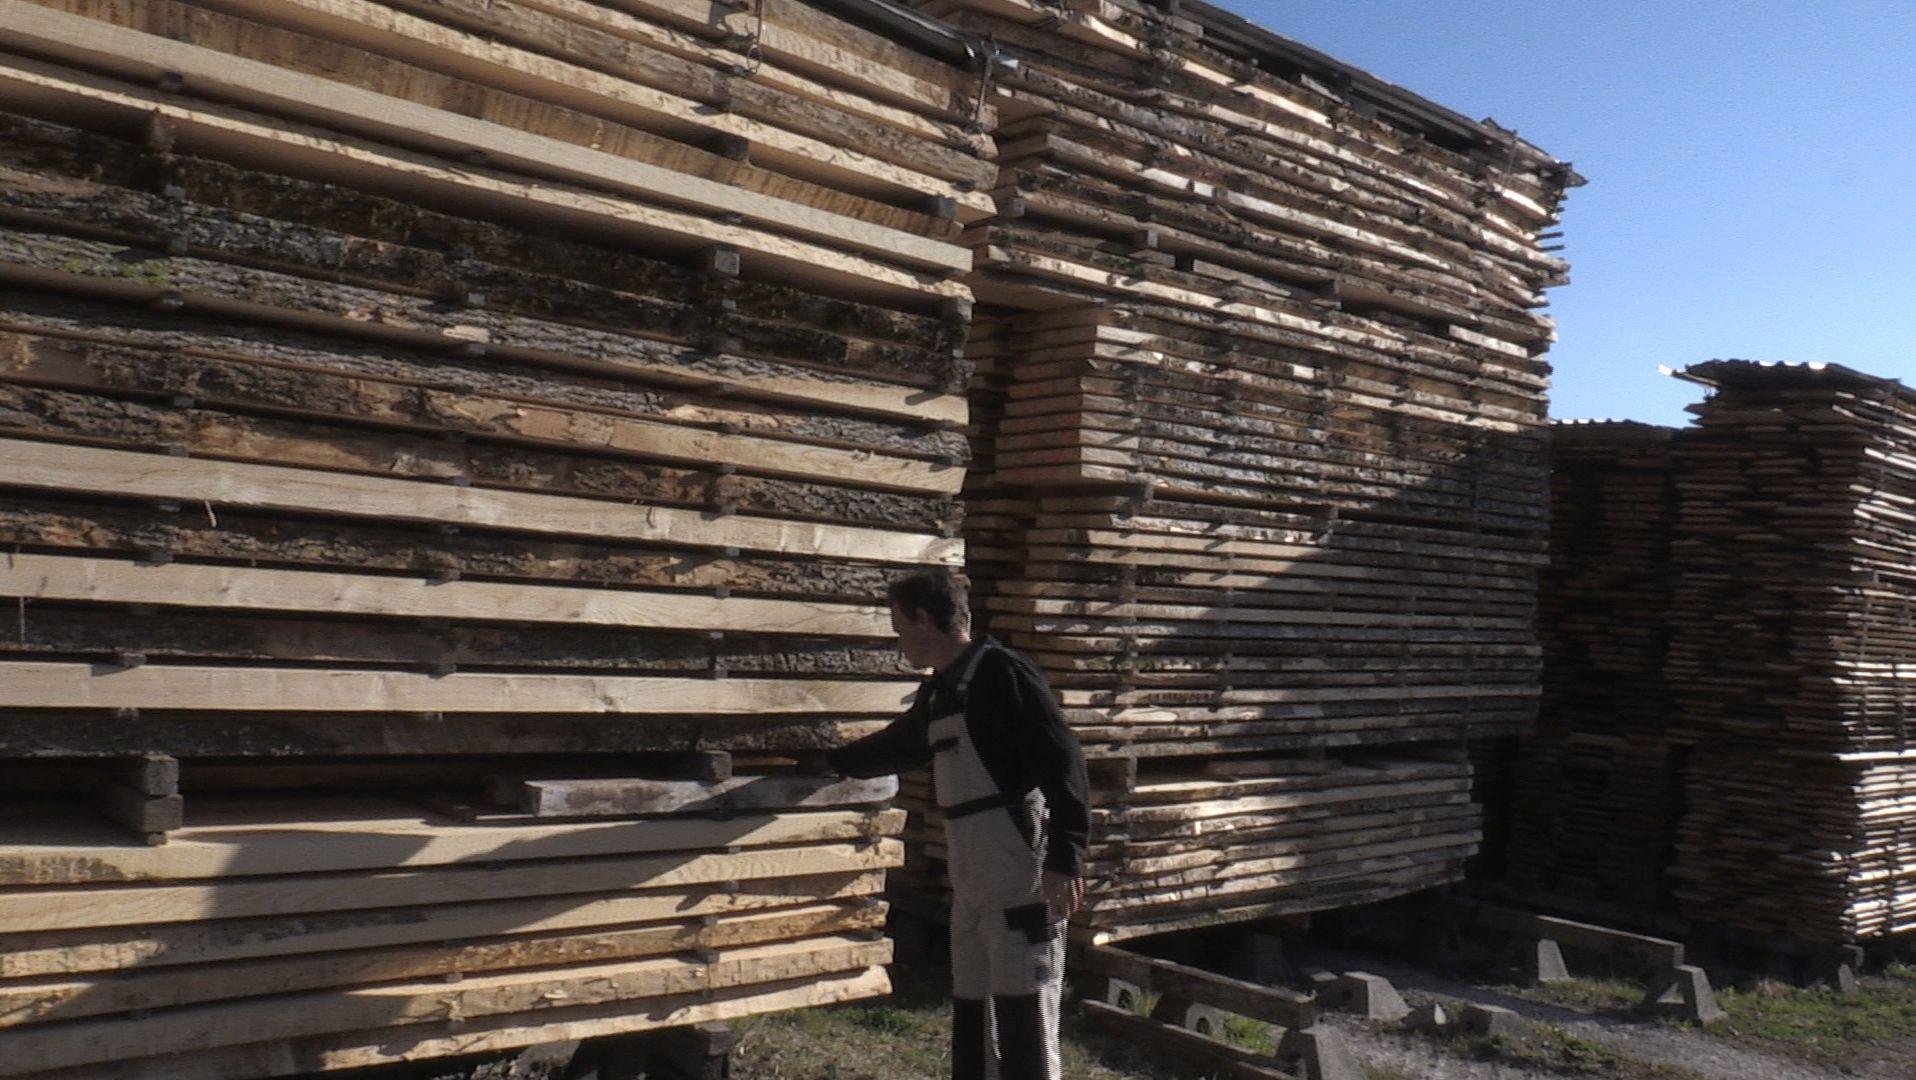 Ein Mitarbeiter eines Sägewerks vor mehreren riesigen Stapeln mit vorgeschnittenen Holzbrettern